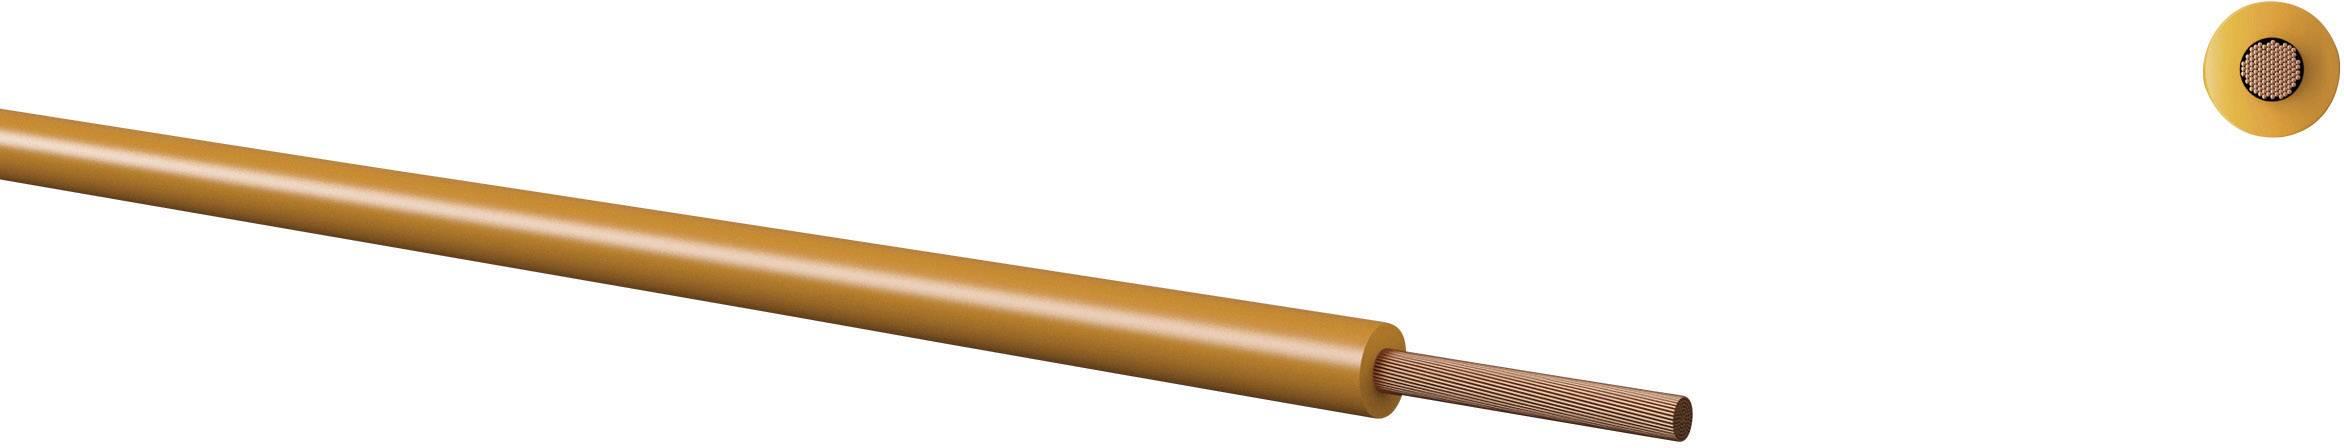 Opletenie / lanko Kabeltronik 160110002 LiFY, 1 x 1 mm², vonkajší Ø 2.50 mm, metrový tovar, hnedá